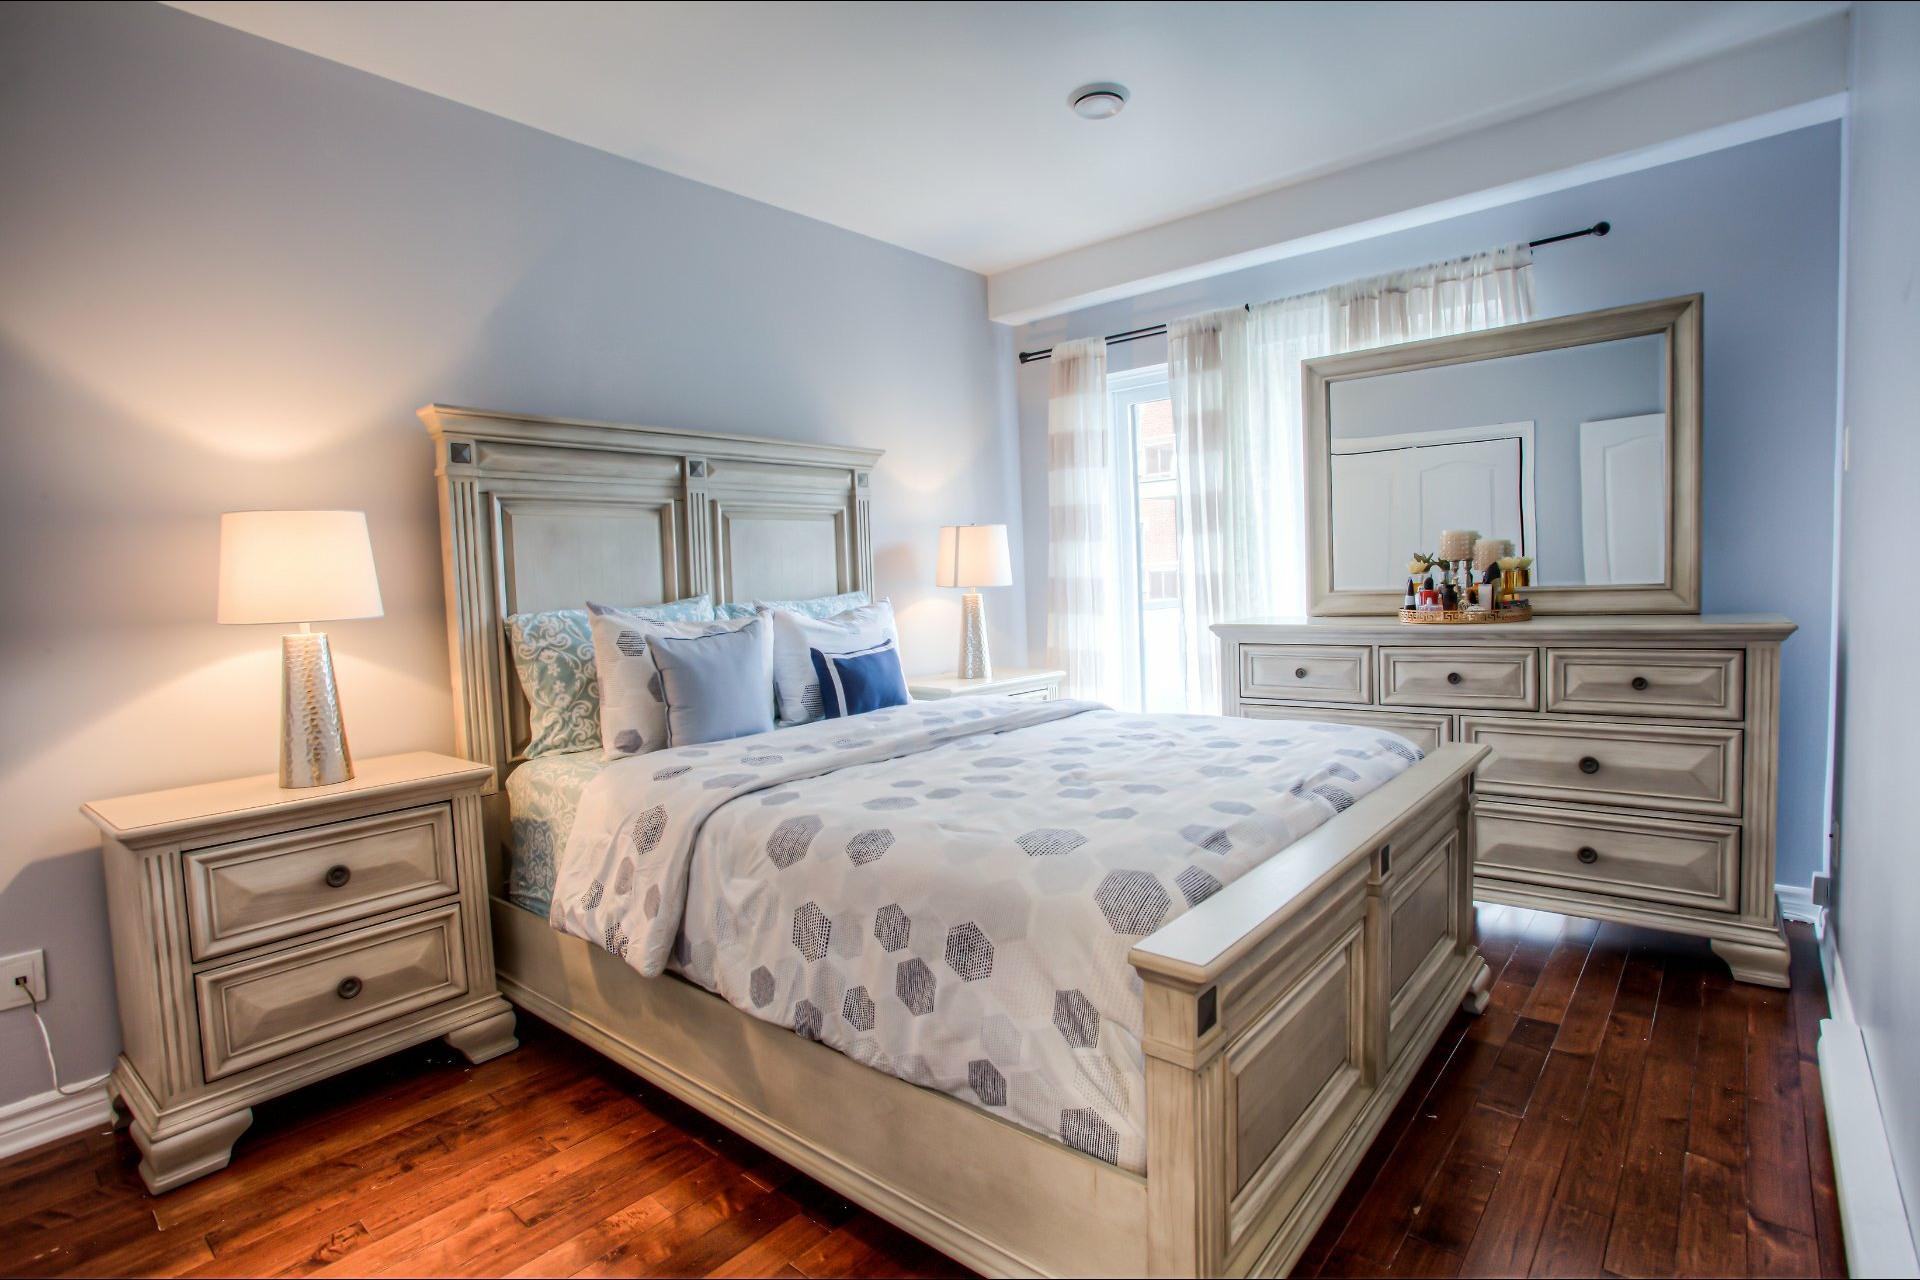 image 15 - Apartment For sale Saint-Laurent Montréal  - 9 rooms